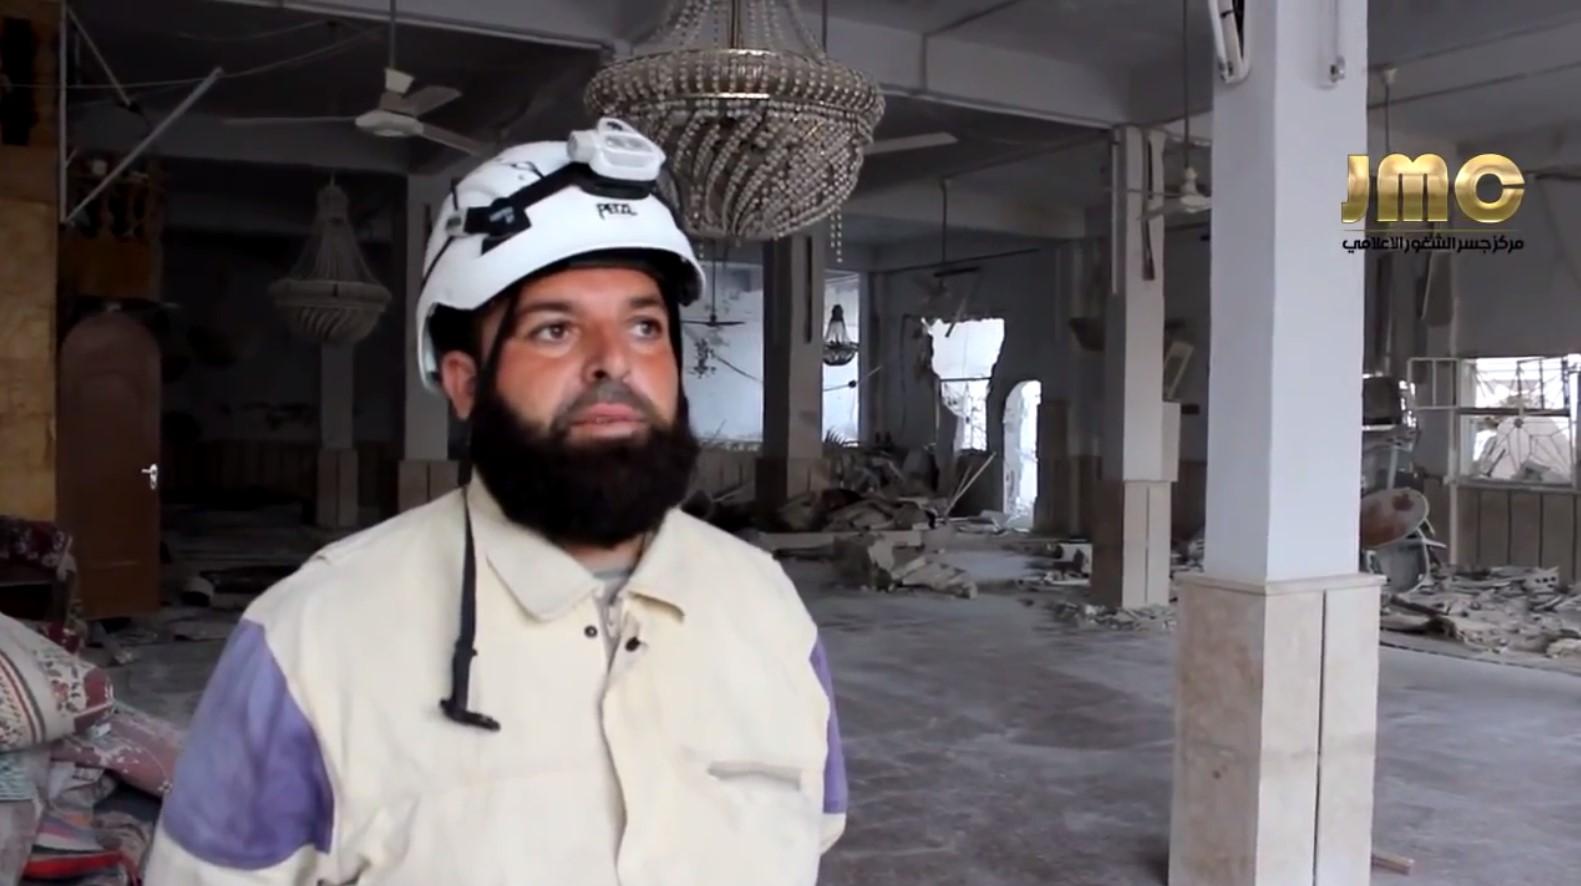 Omar roof inside